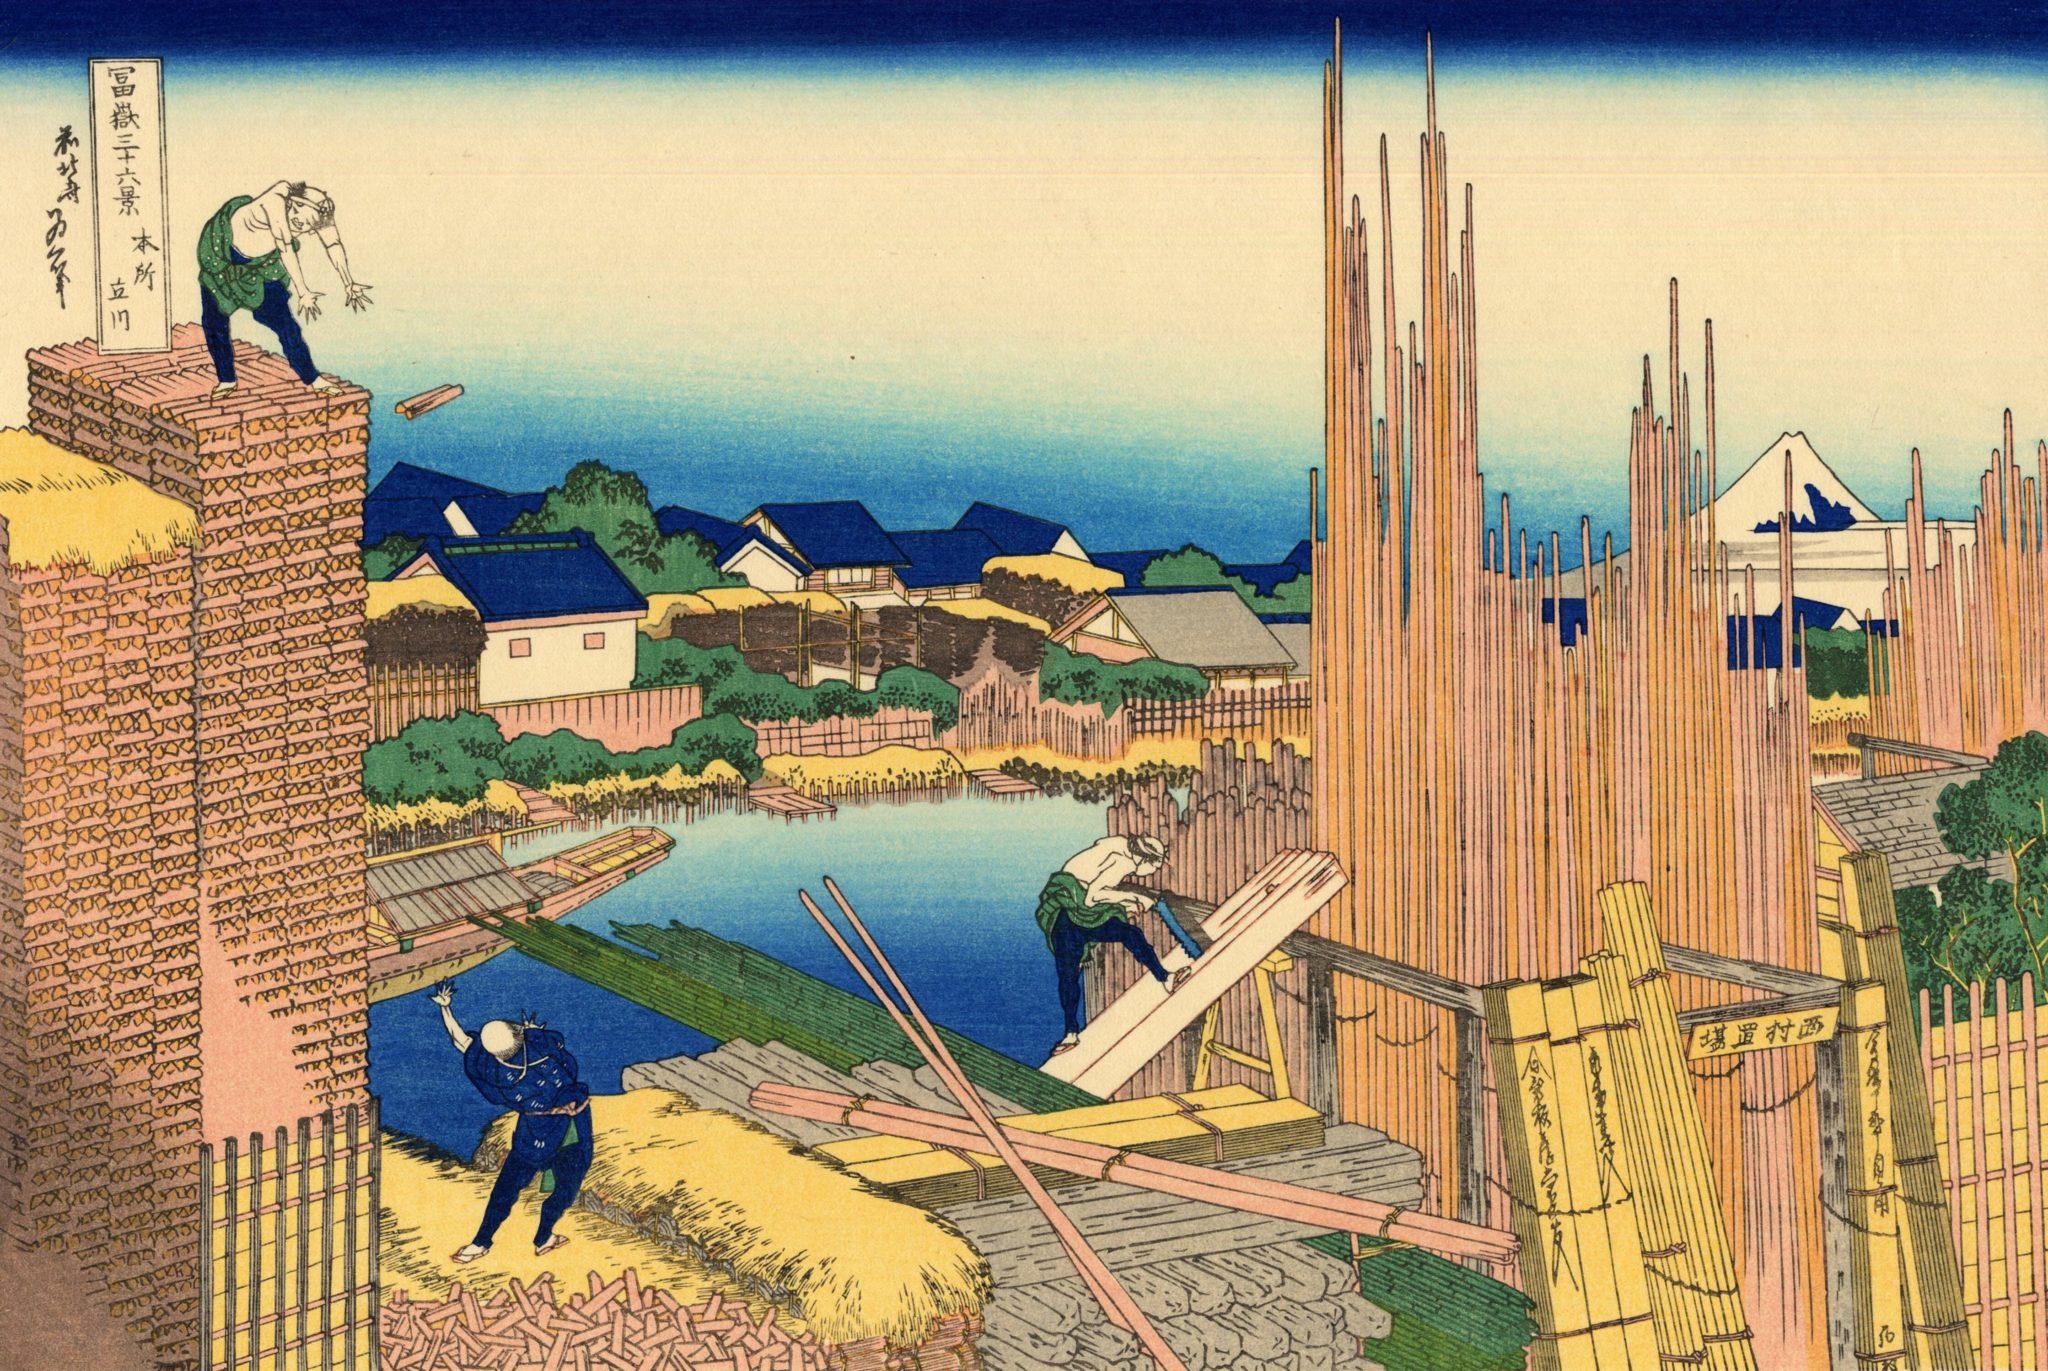 富嶽三十六景 本所立川(ほんじょたてかわ)